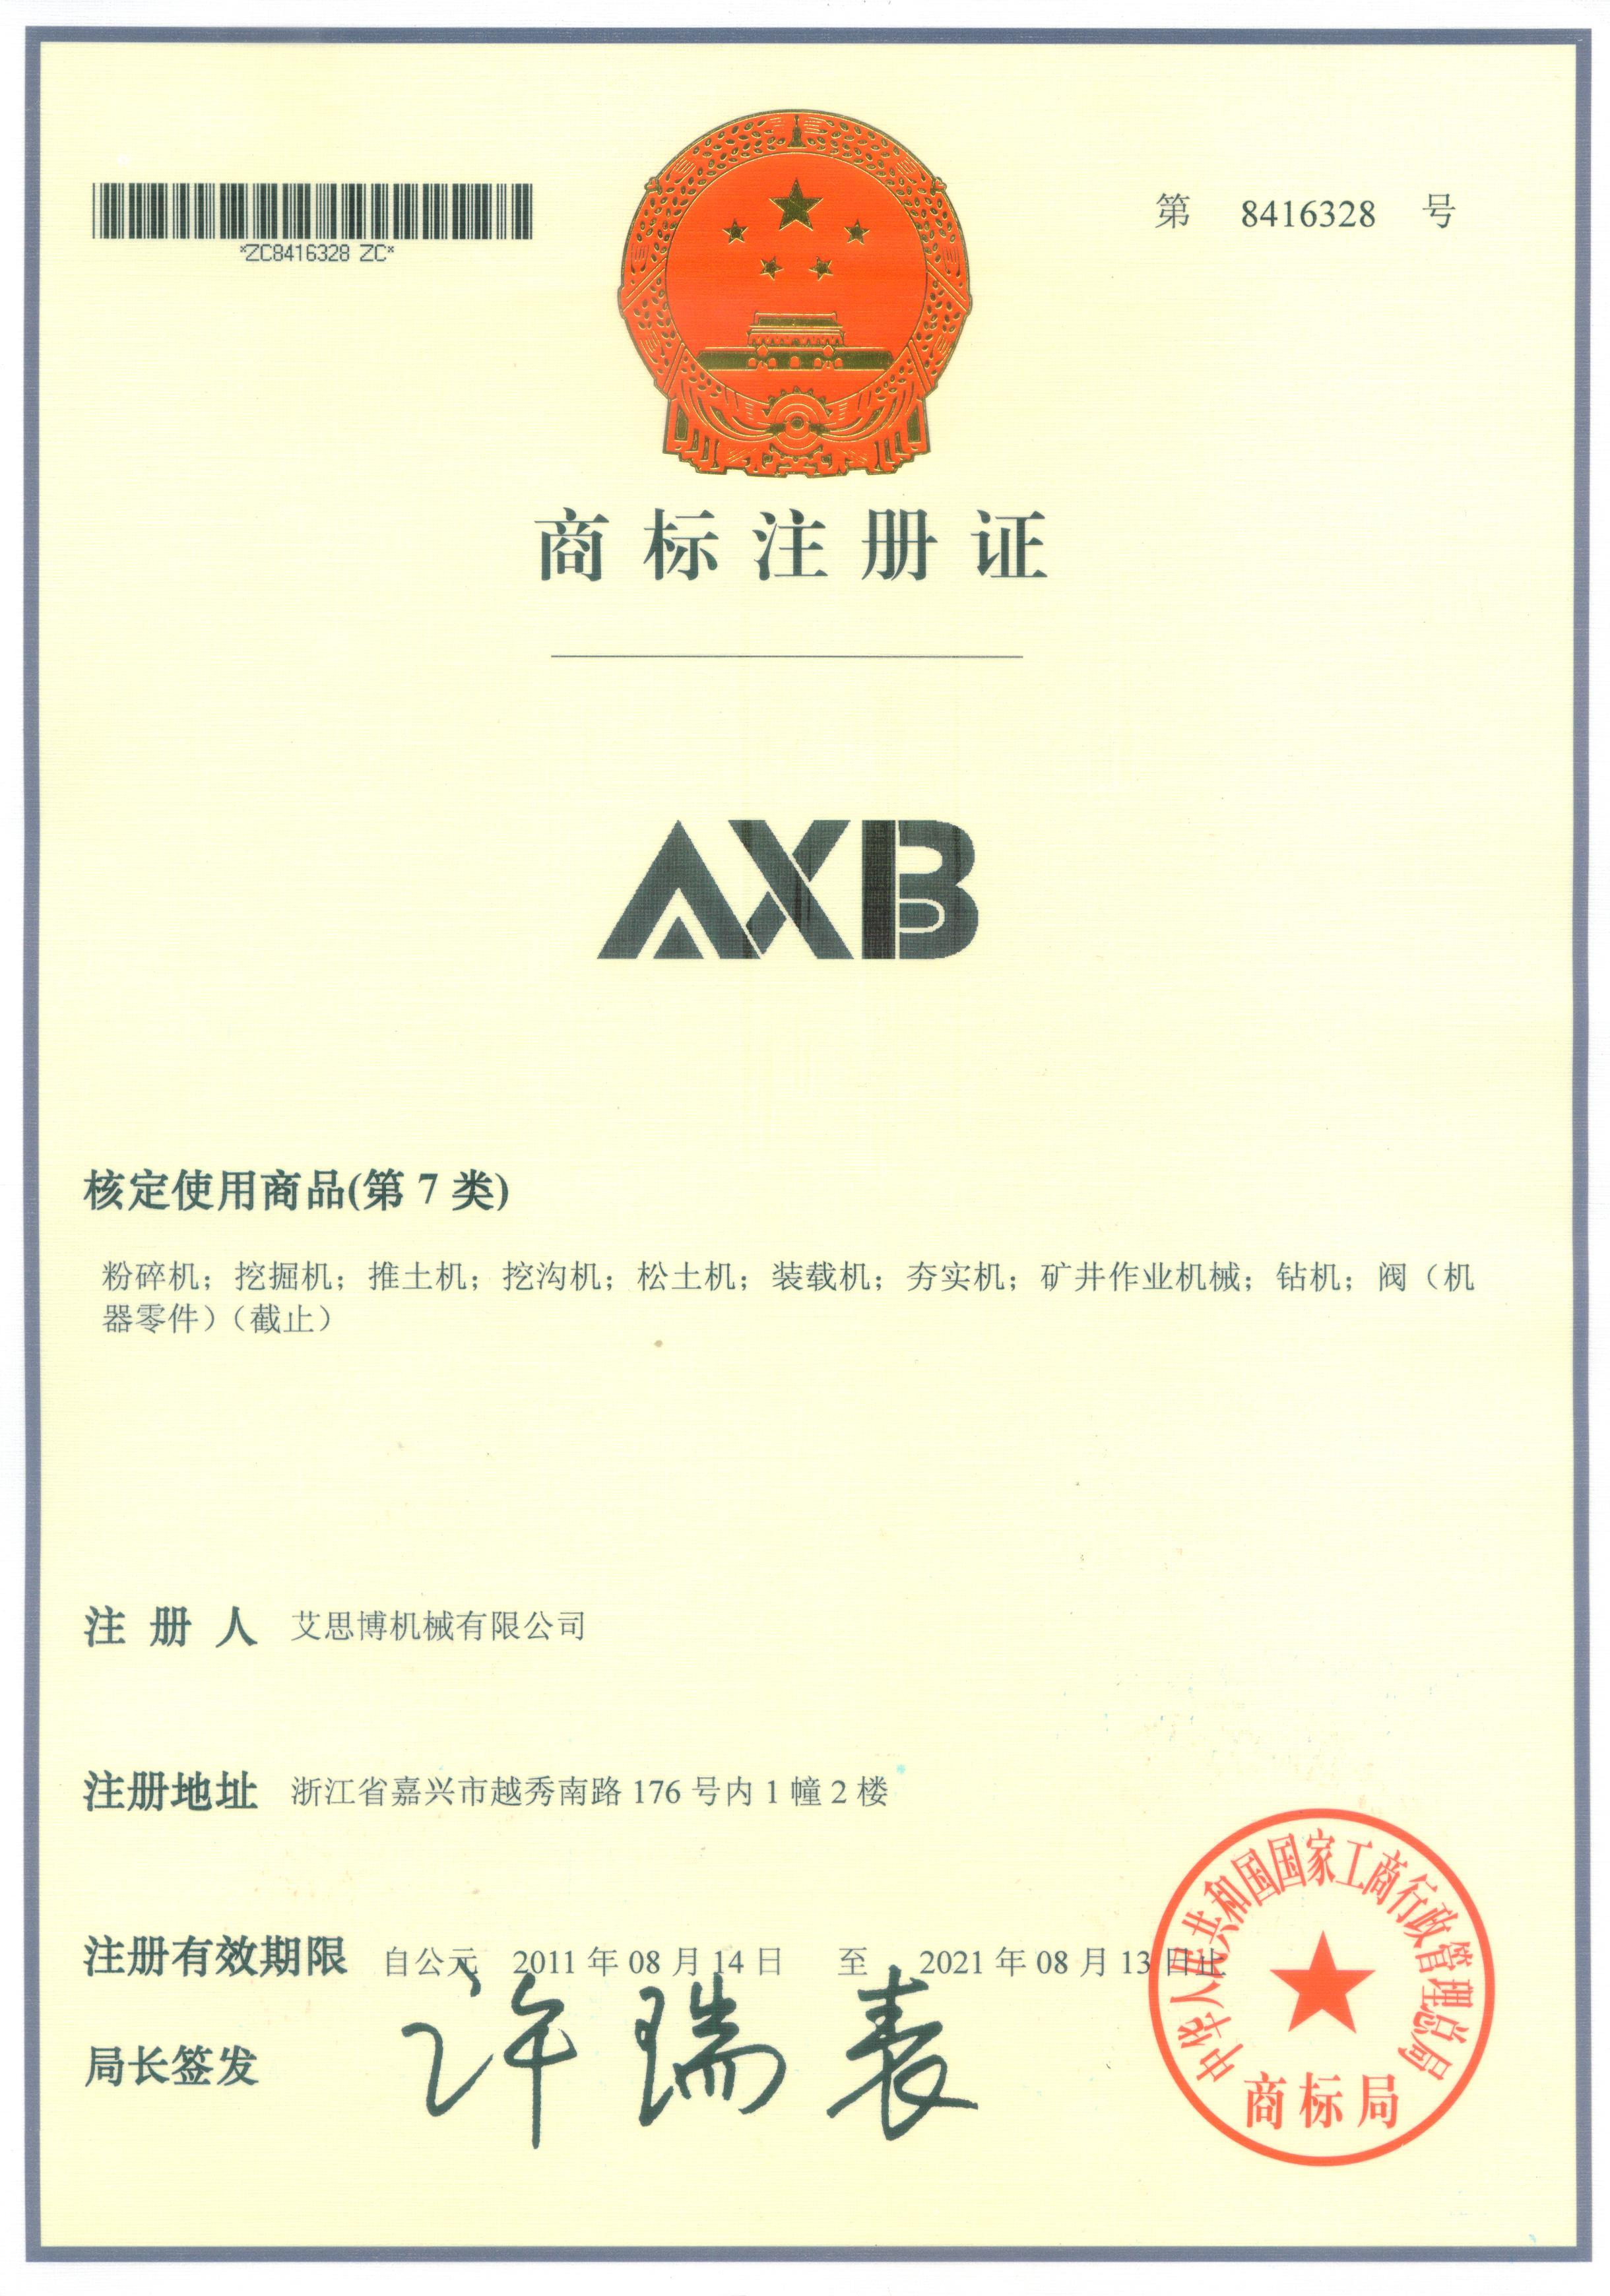 AXB注册商标